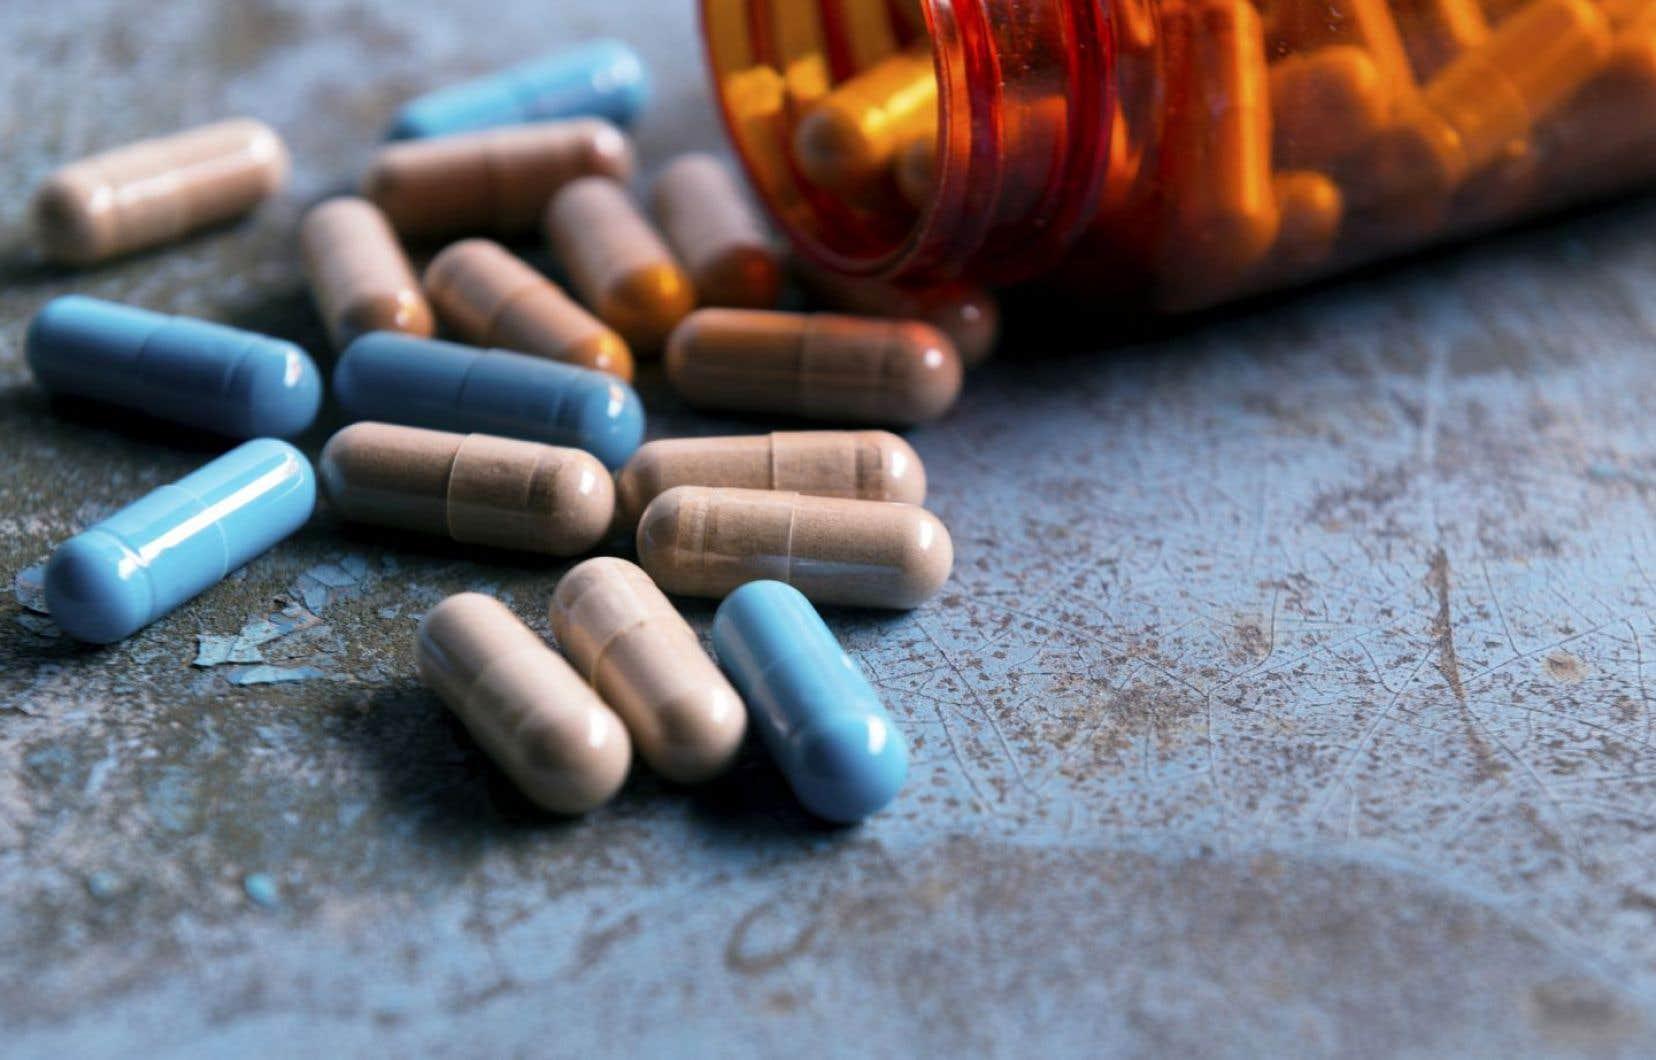 Il se prescrit au Canada plus de doses d'opioïdes par habitant que partout ailleurs dans le monde.